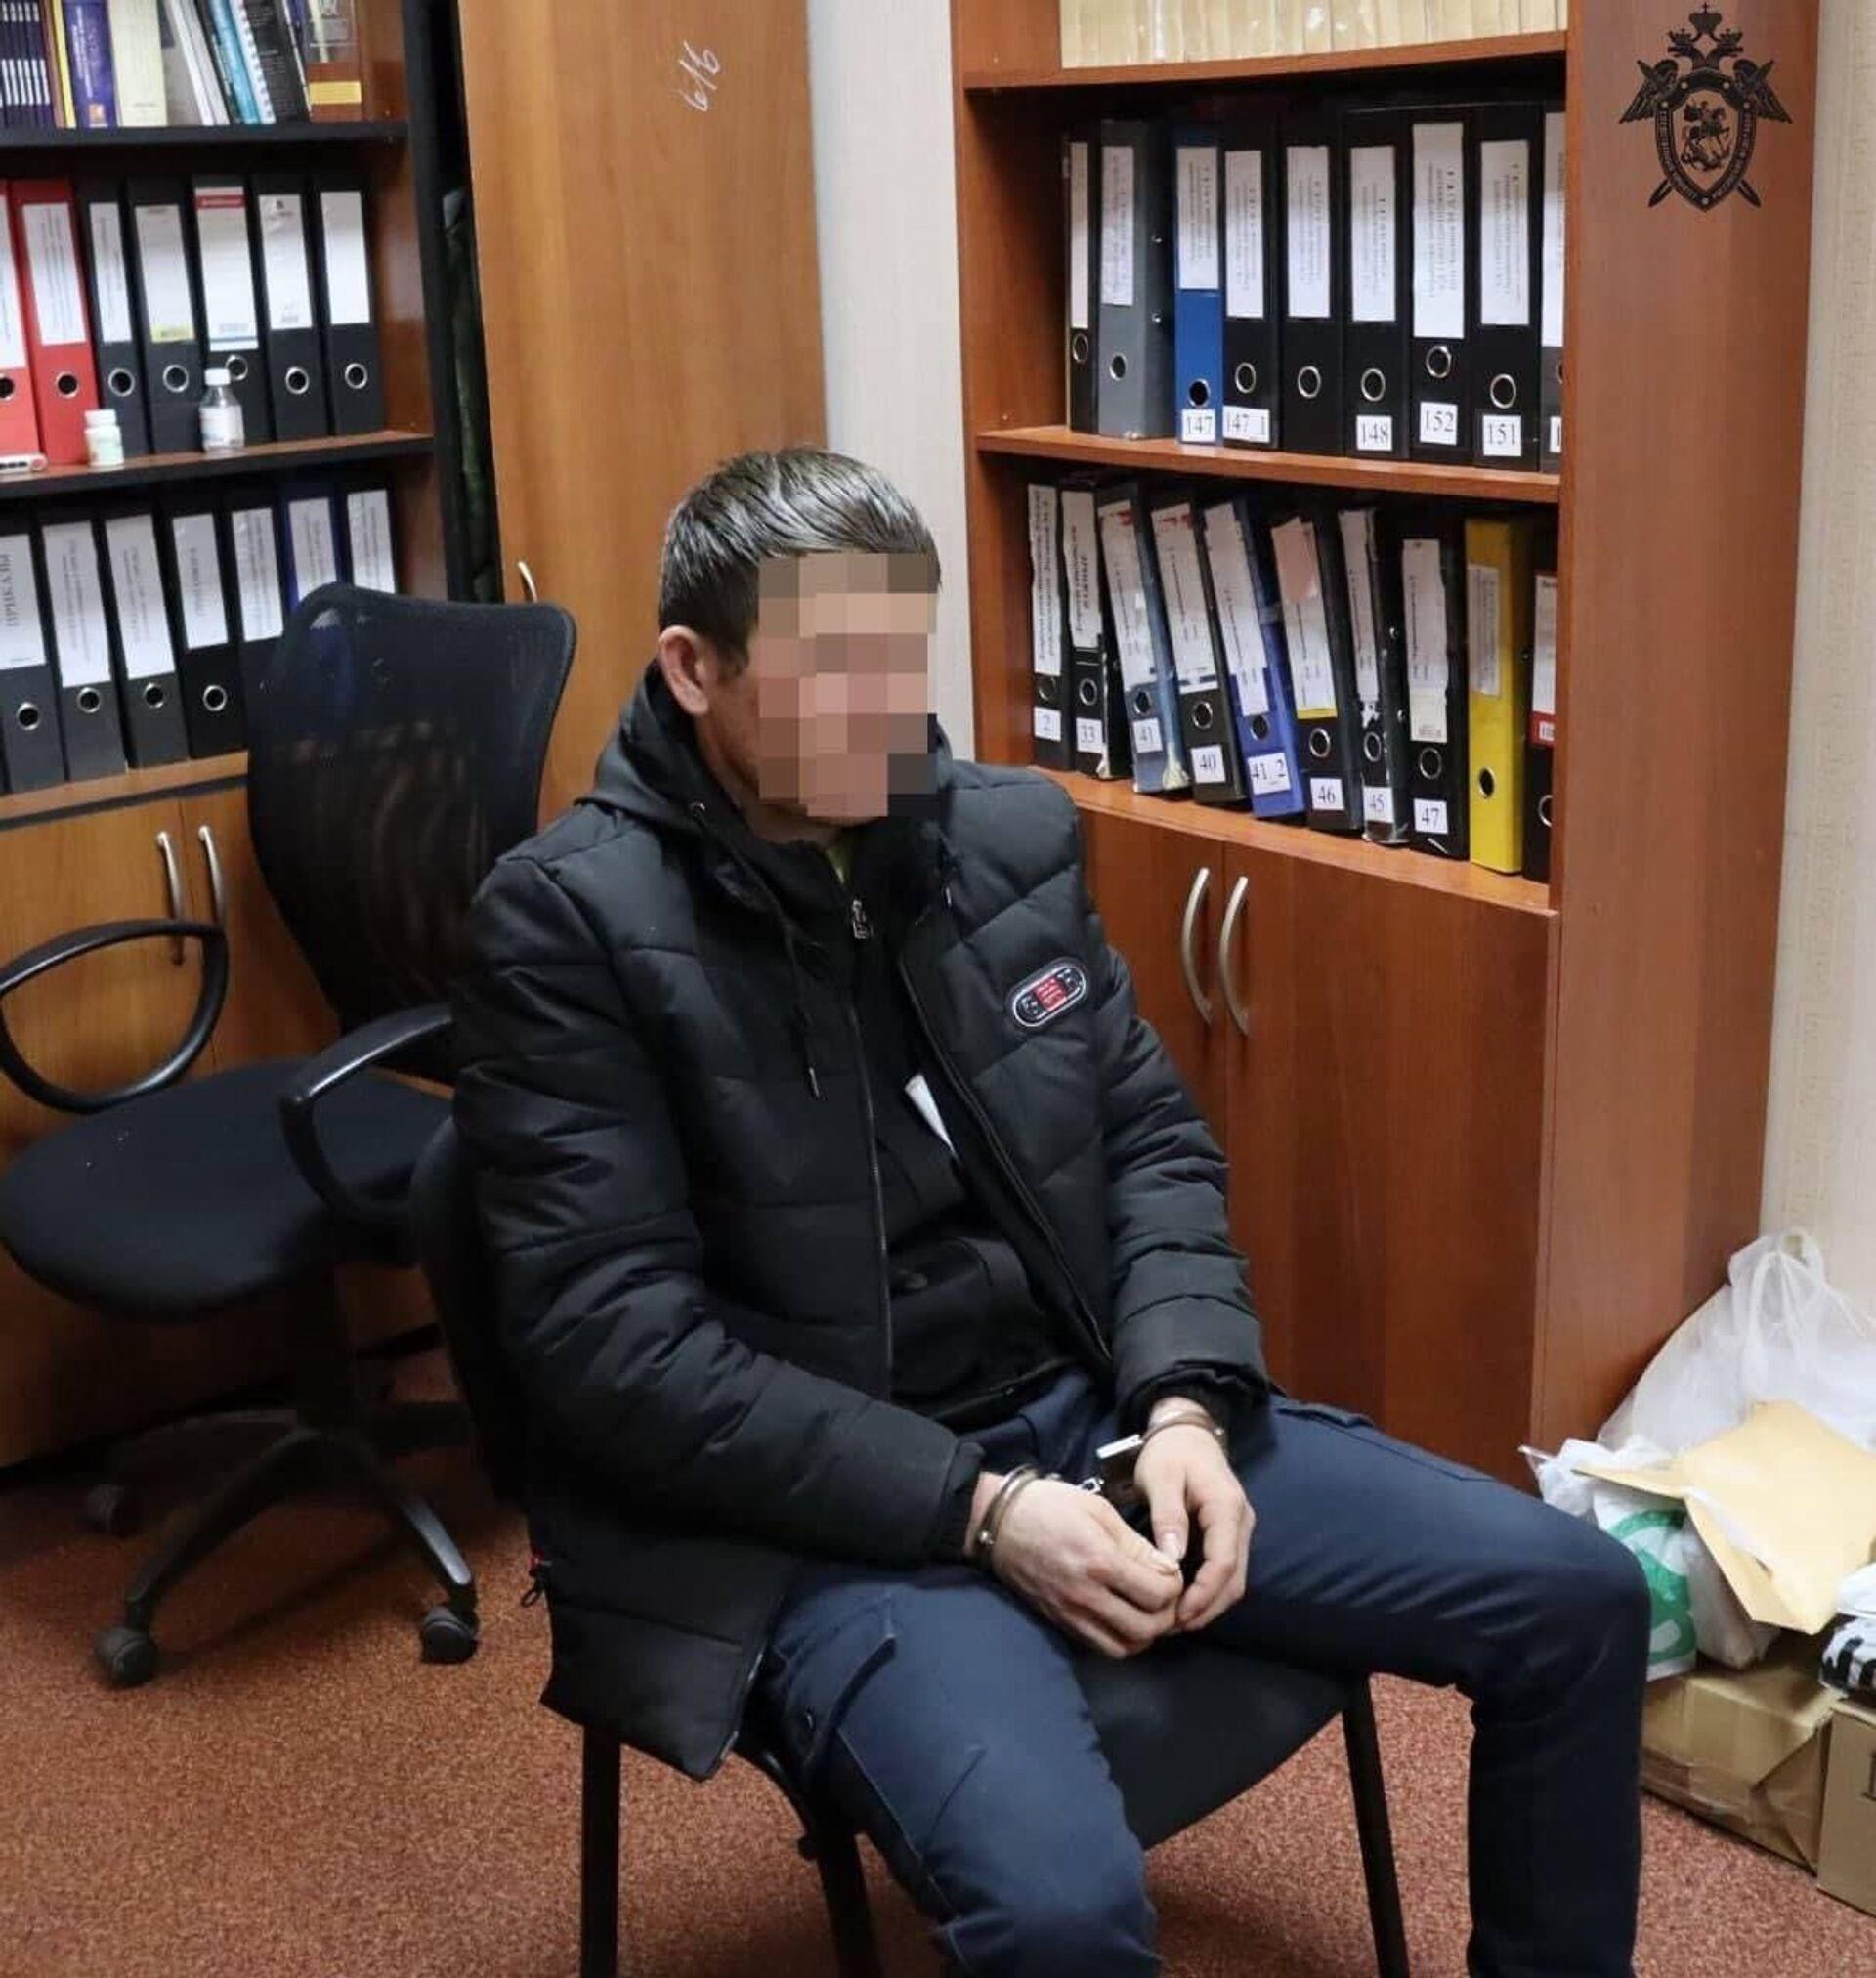 Подозреваемый в убийстве семьи в Нижегородской области доставлен в СУ СК России для допроса - Sputnik Узбекистан, 1920, 09.03.2021